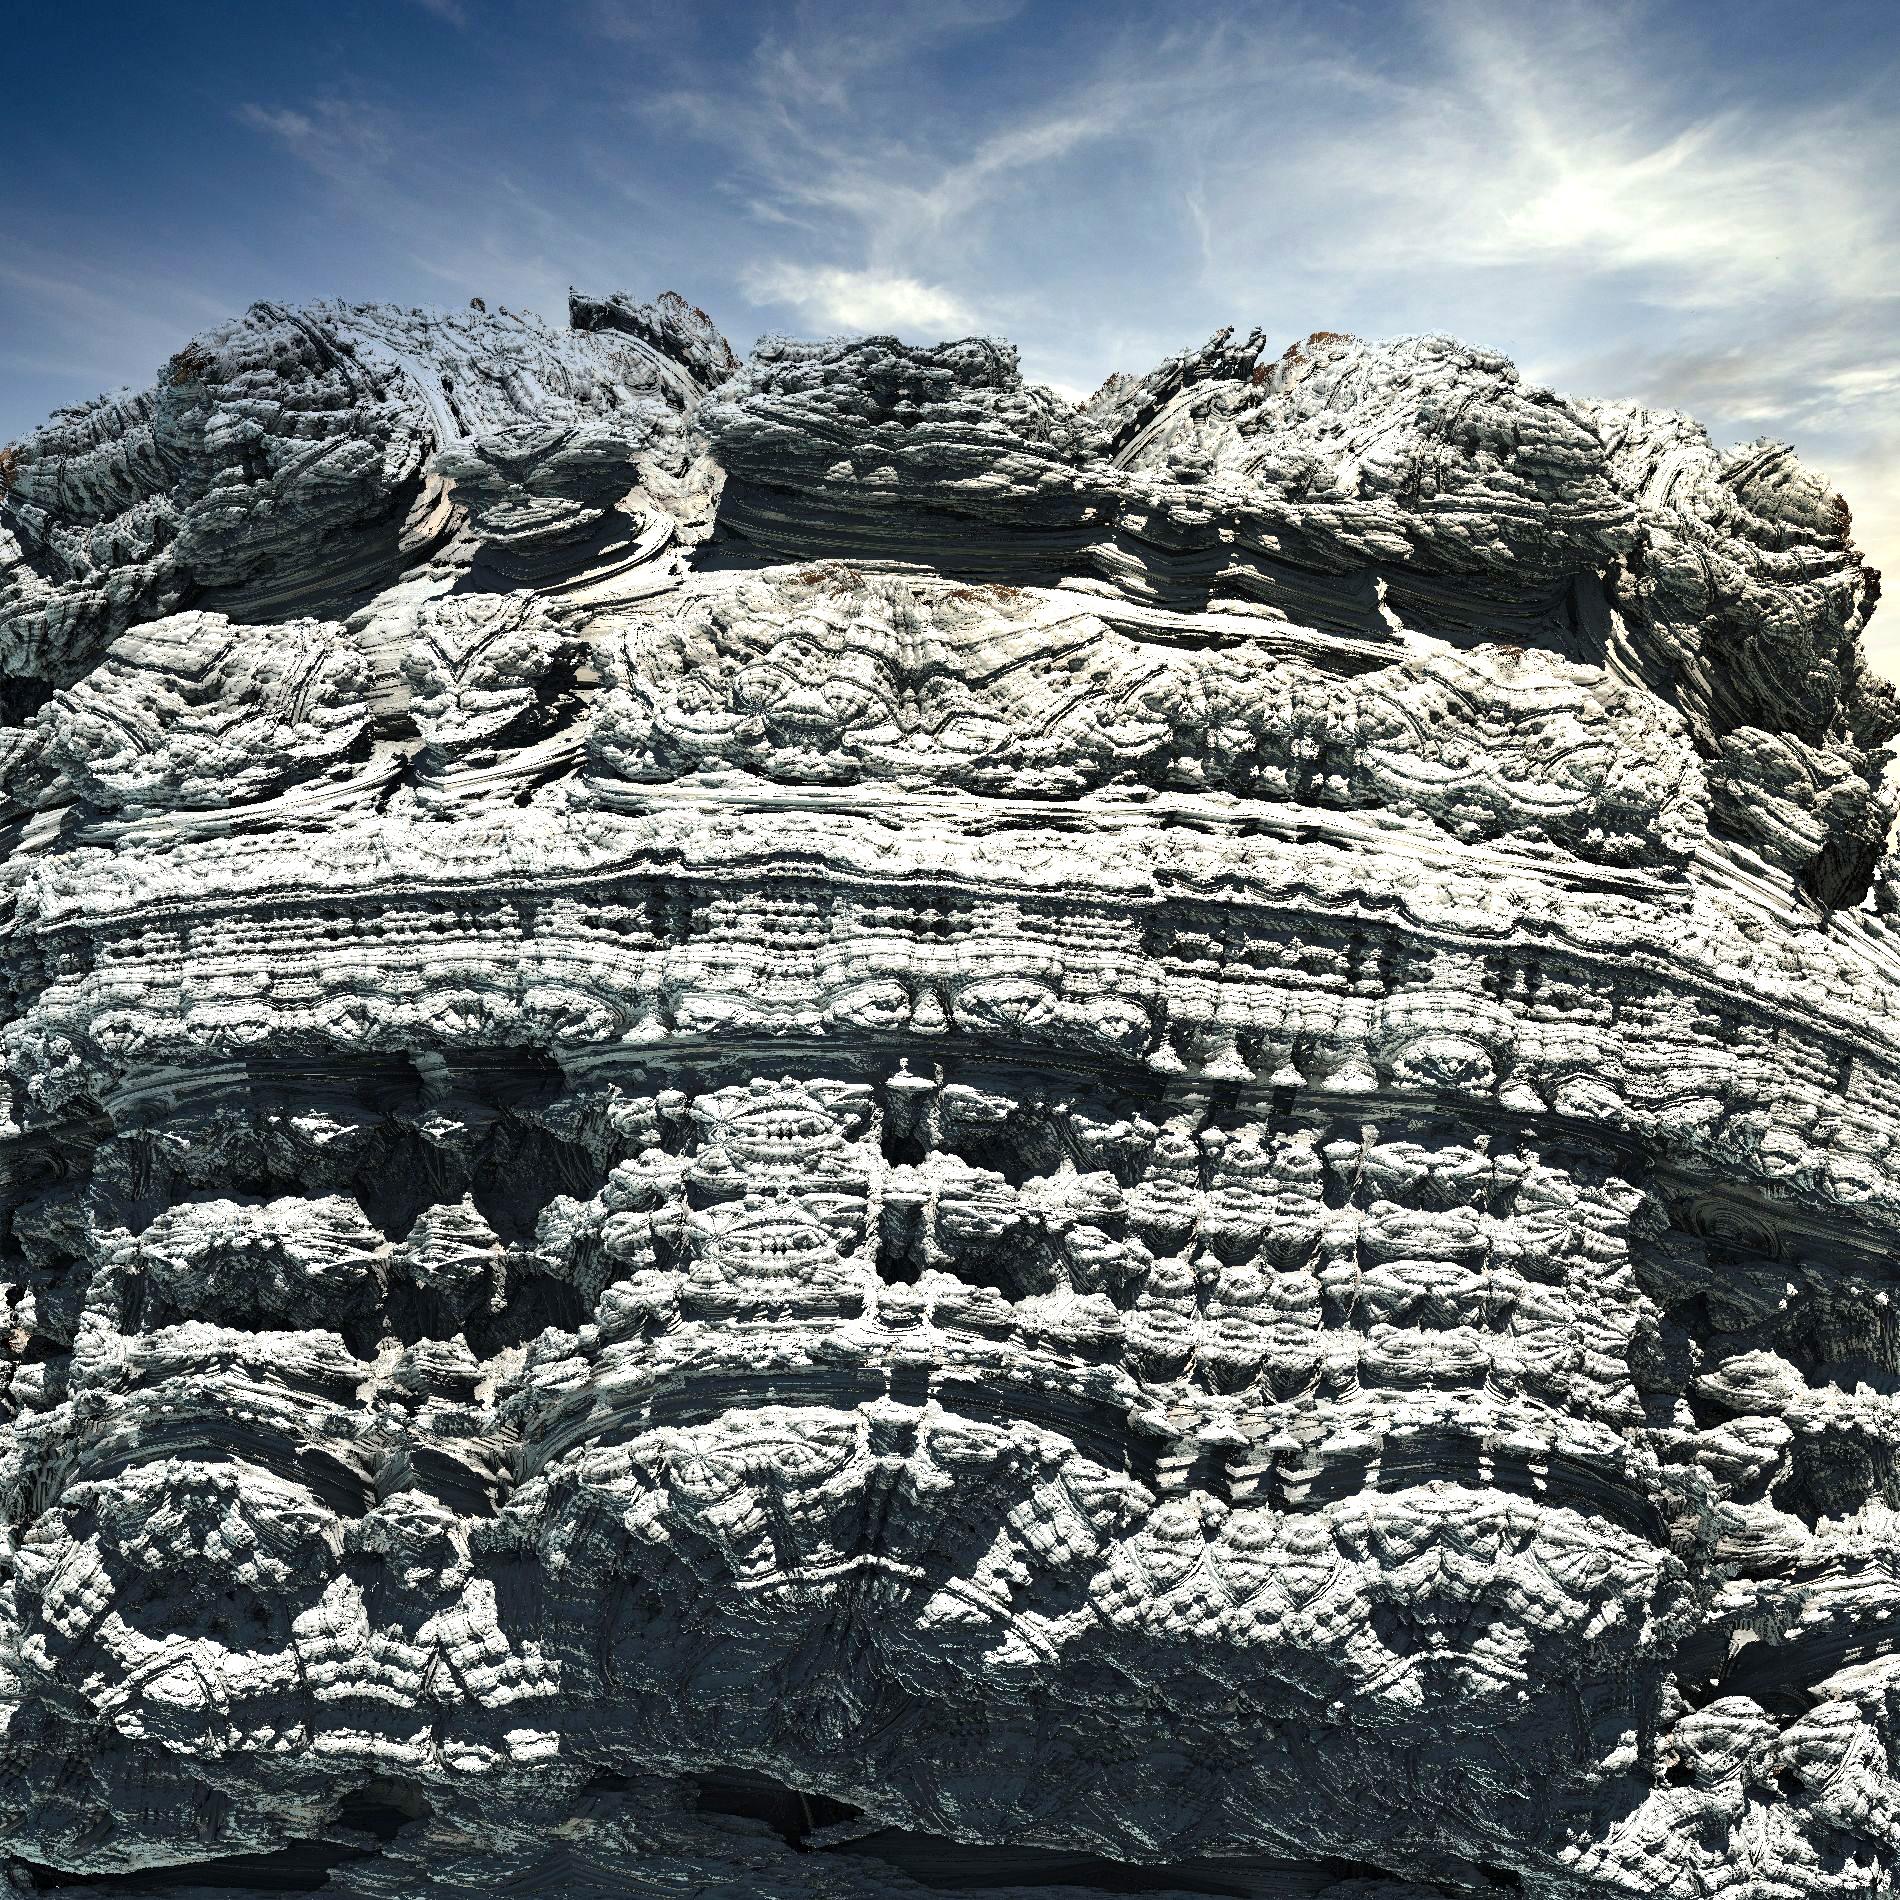 ・絶壁で冷たい岩肌&冒険アドベンチャー風の山:リアル